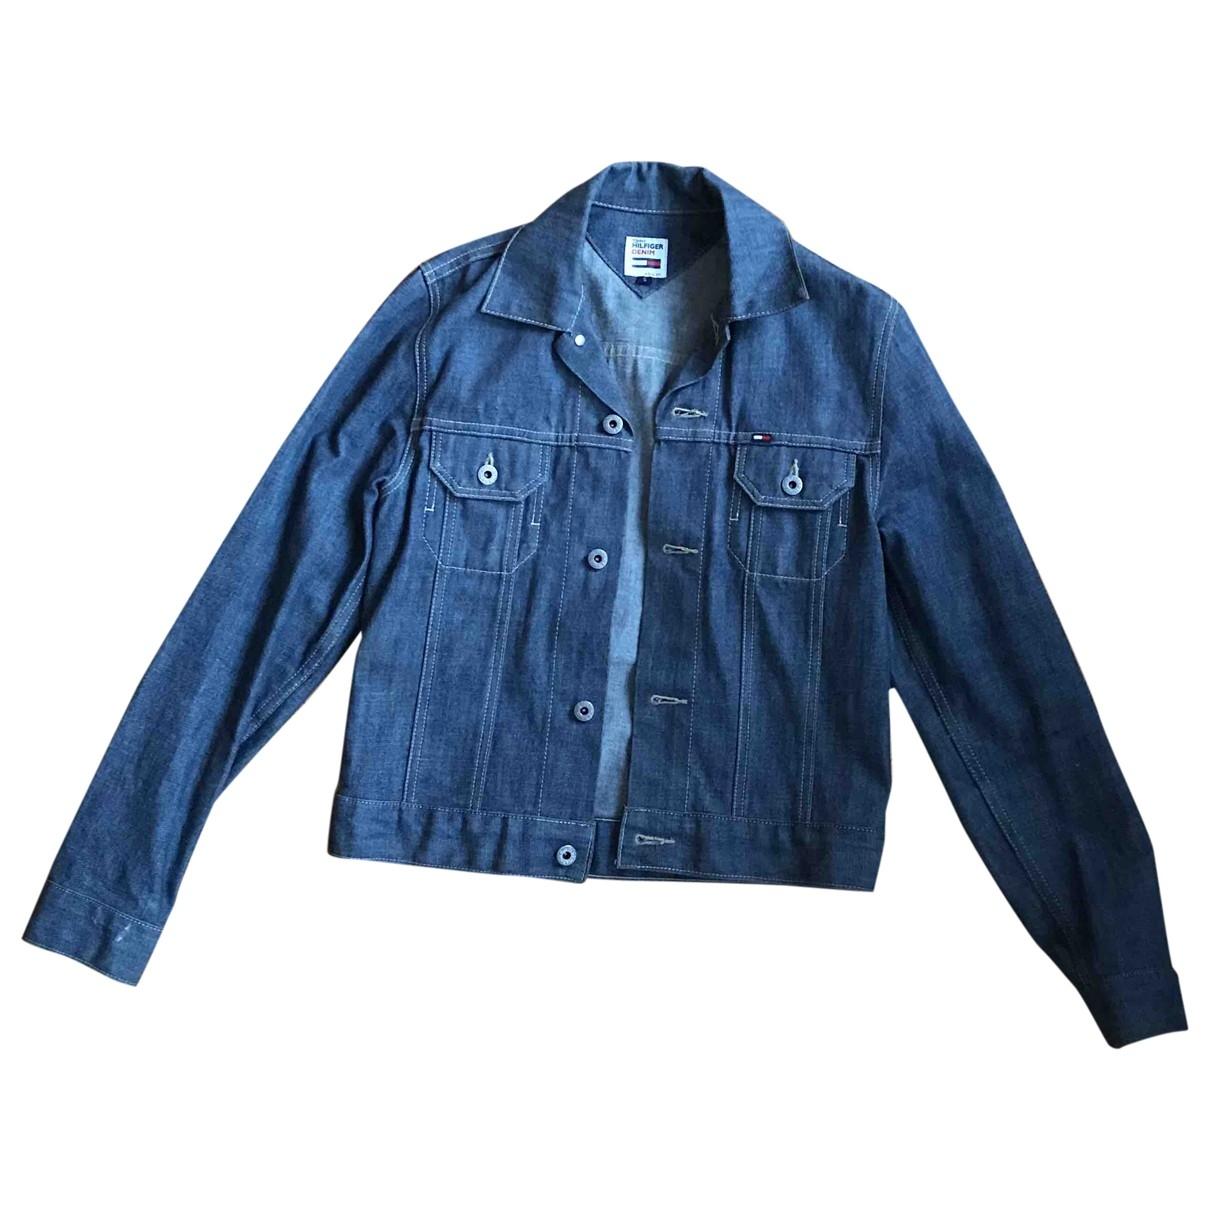 Tommy Hilfiger \N Blue Denim - Jeans jacket for Women 36 FR